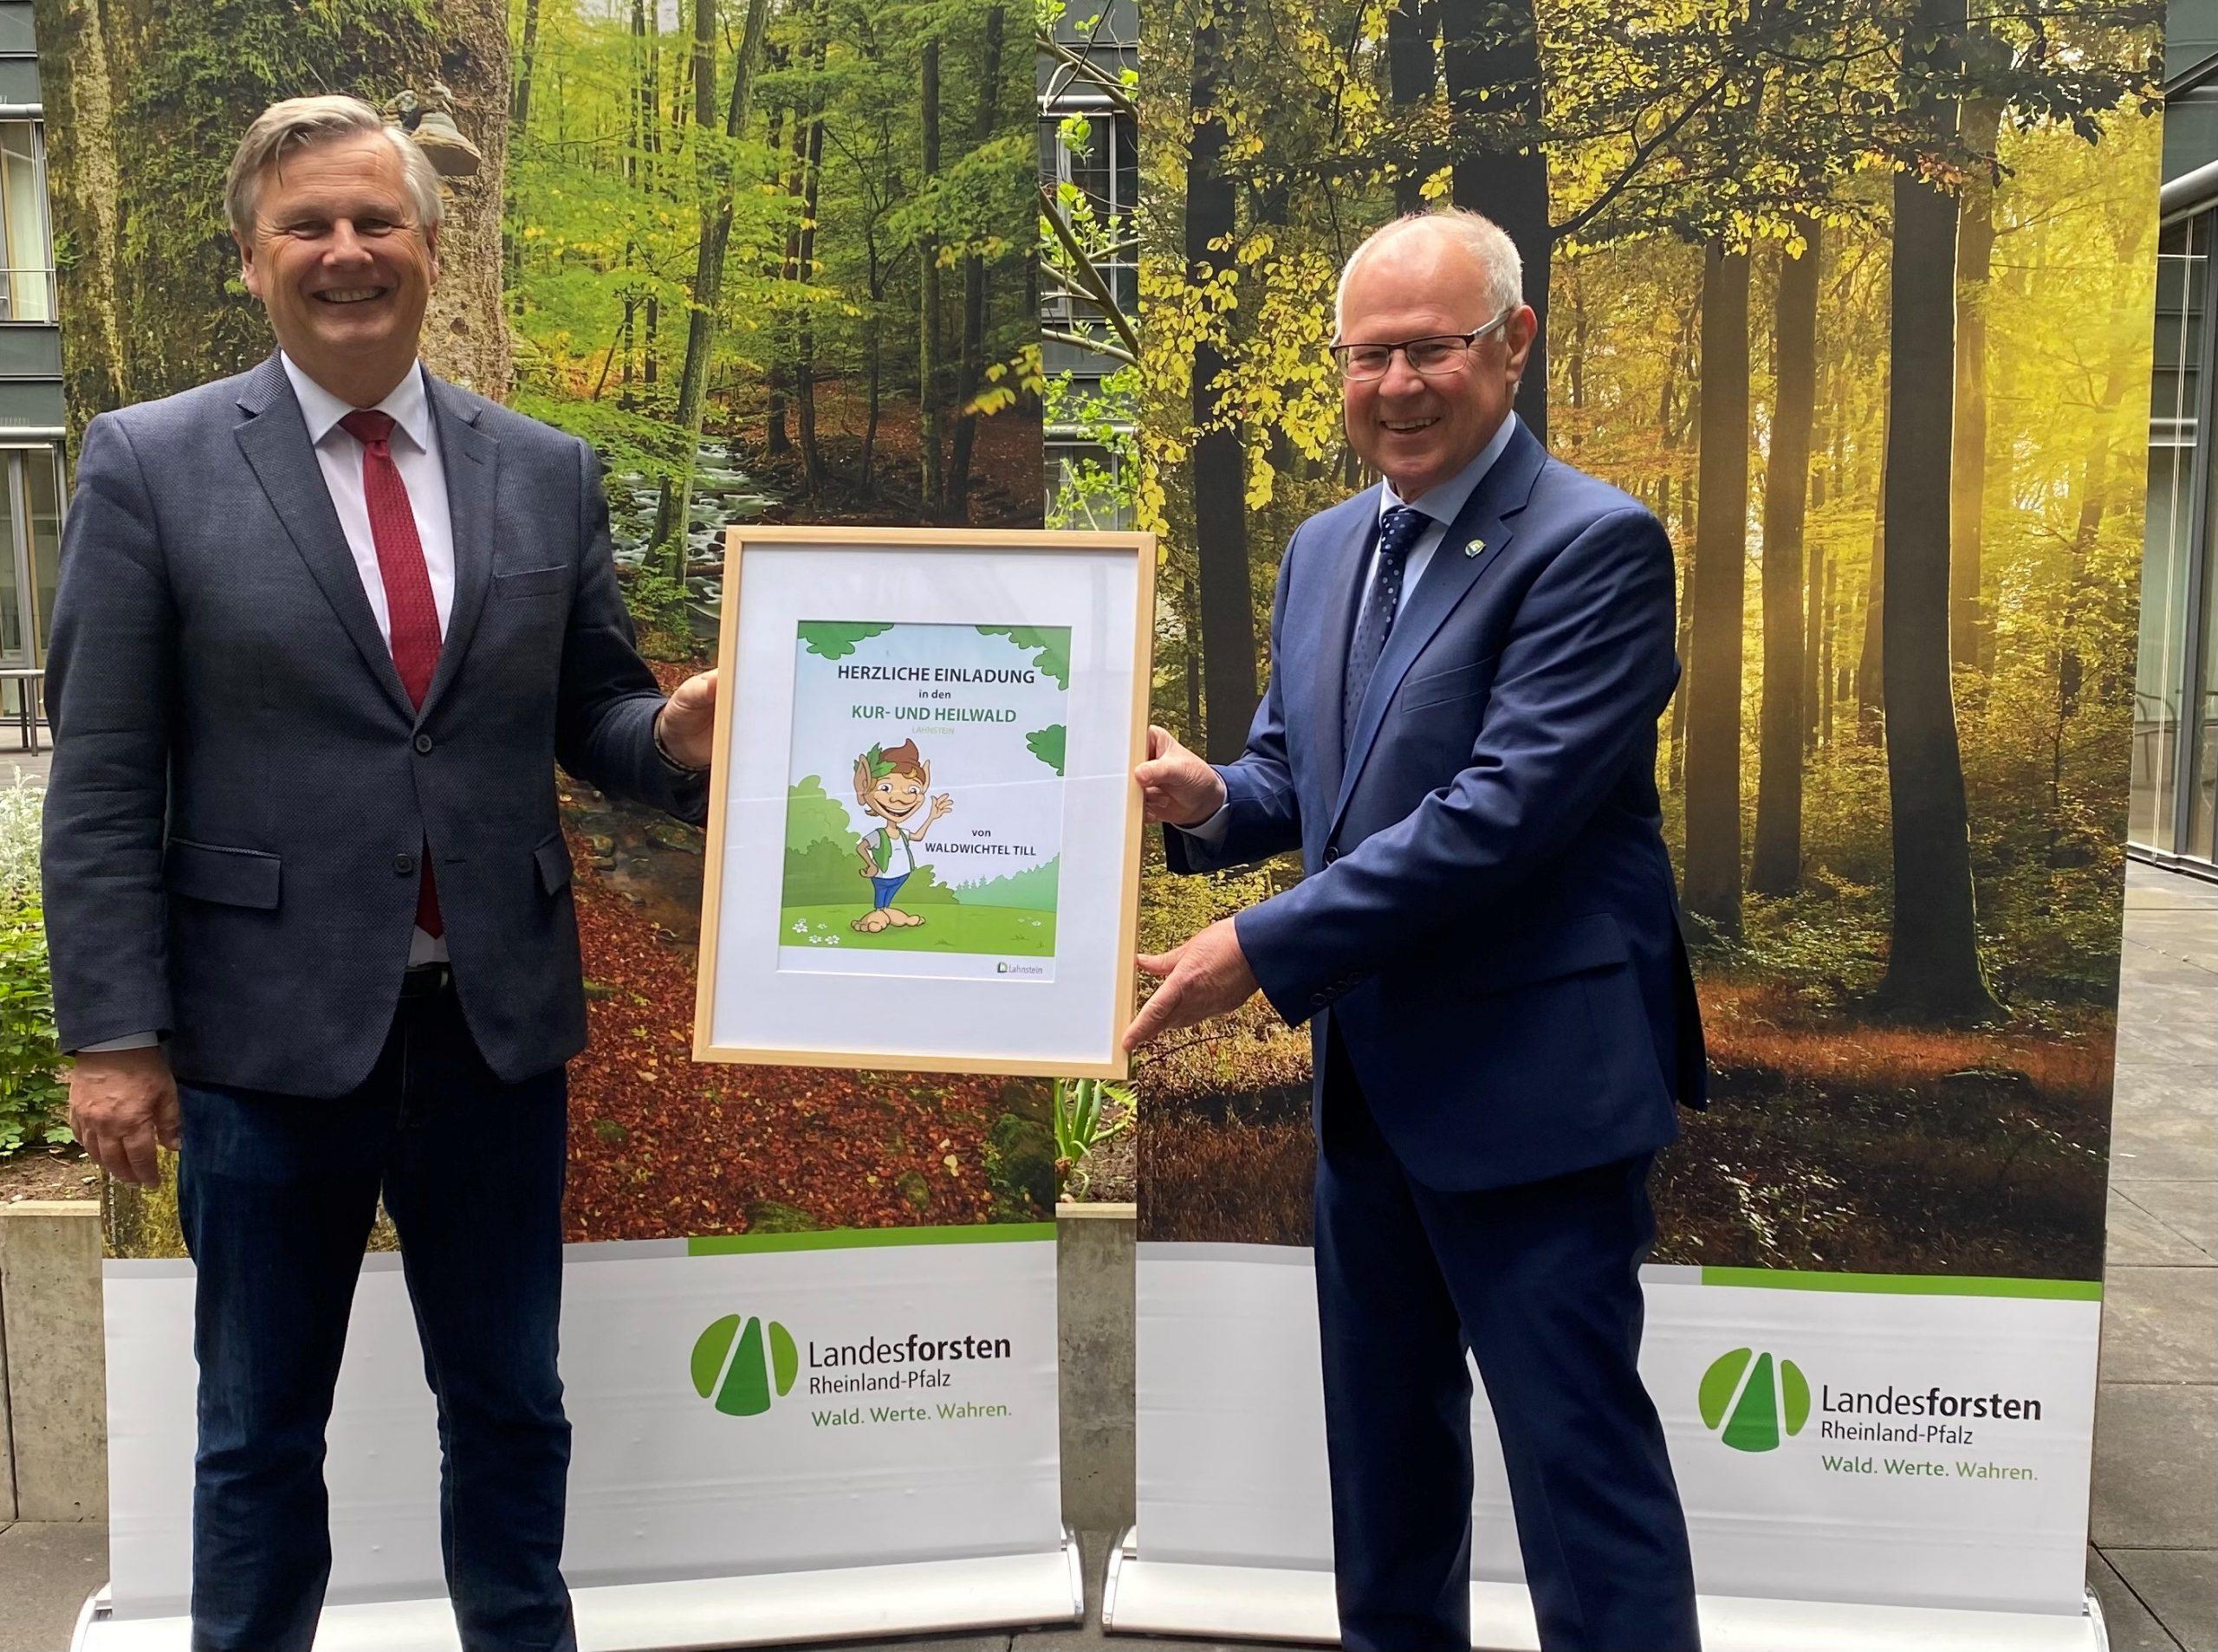 Jetzt ist es amtlich: Lahnstein hat ersten Kur- und Heilwald in Rheinland-Pfalz